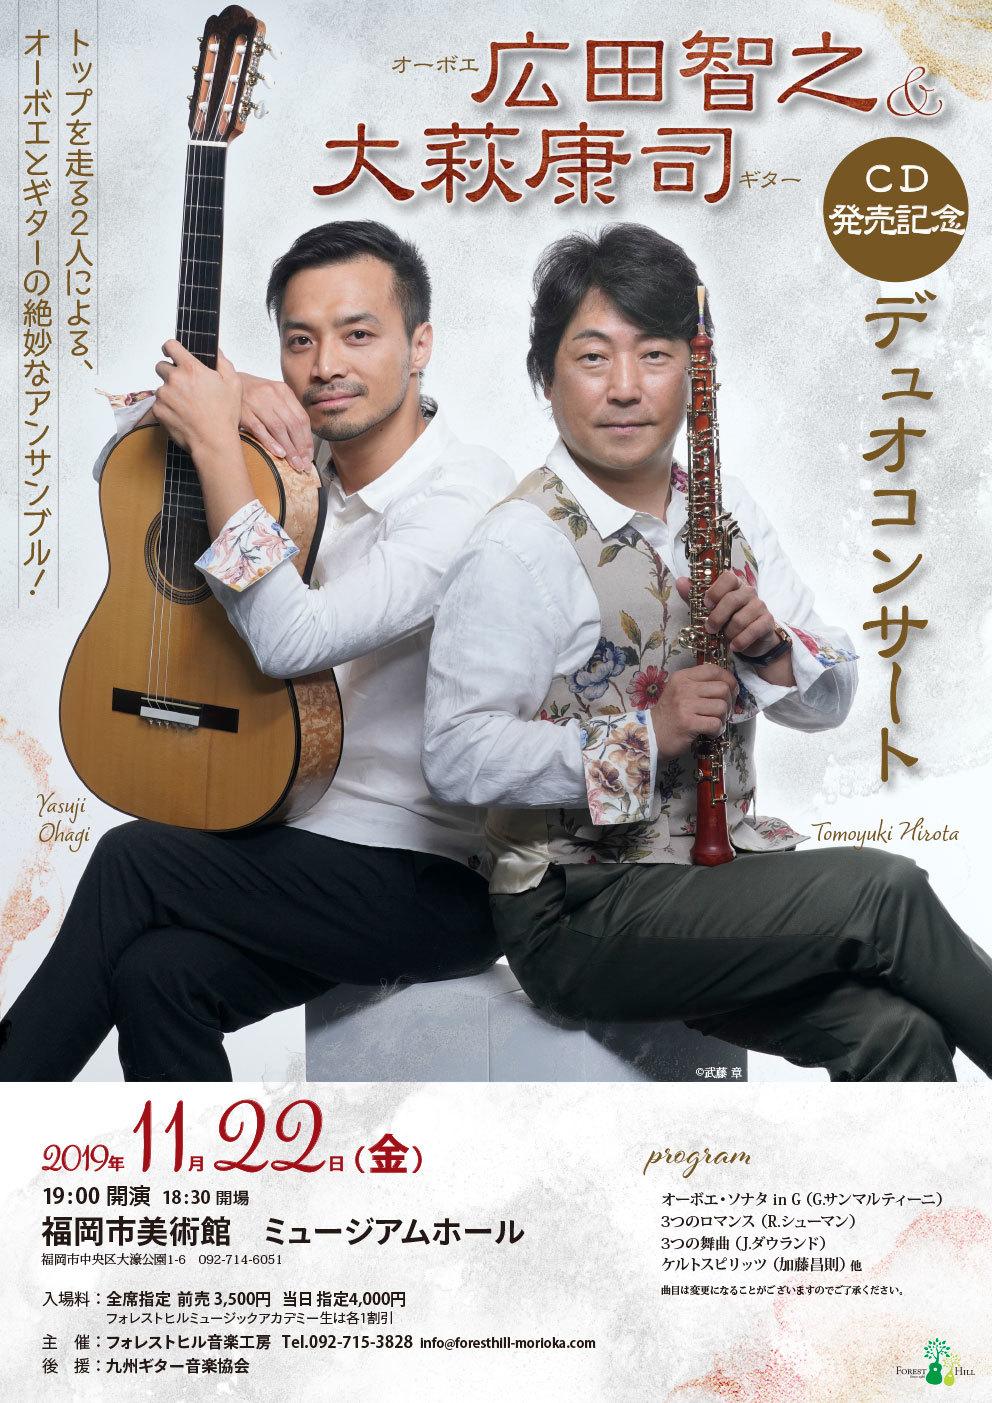 広田智之(オーボエ)・大萩康司(ギター) CD発売記念デュオコンサート_e0103327_01300448.jpg